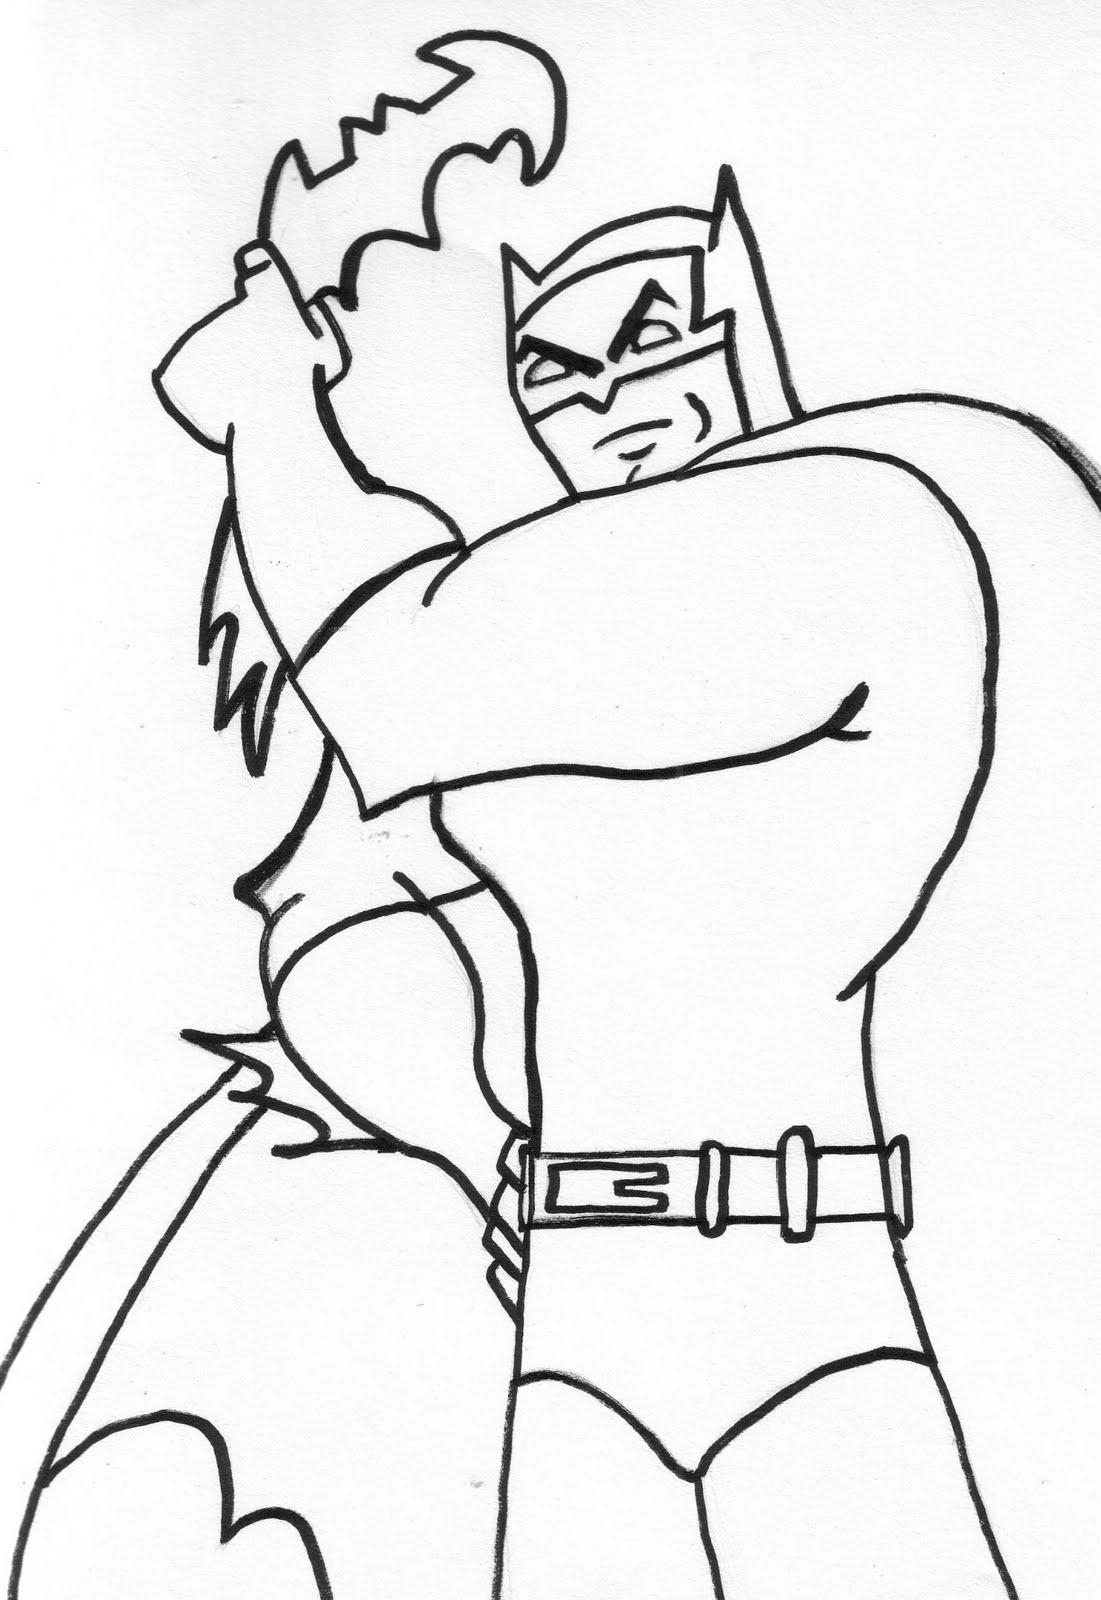 printable coloring sheets batman batman coloring pages printable coloring sheets batman